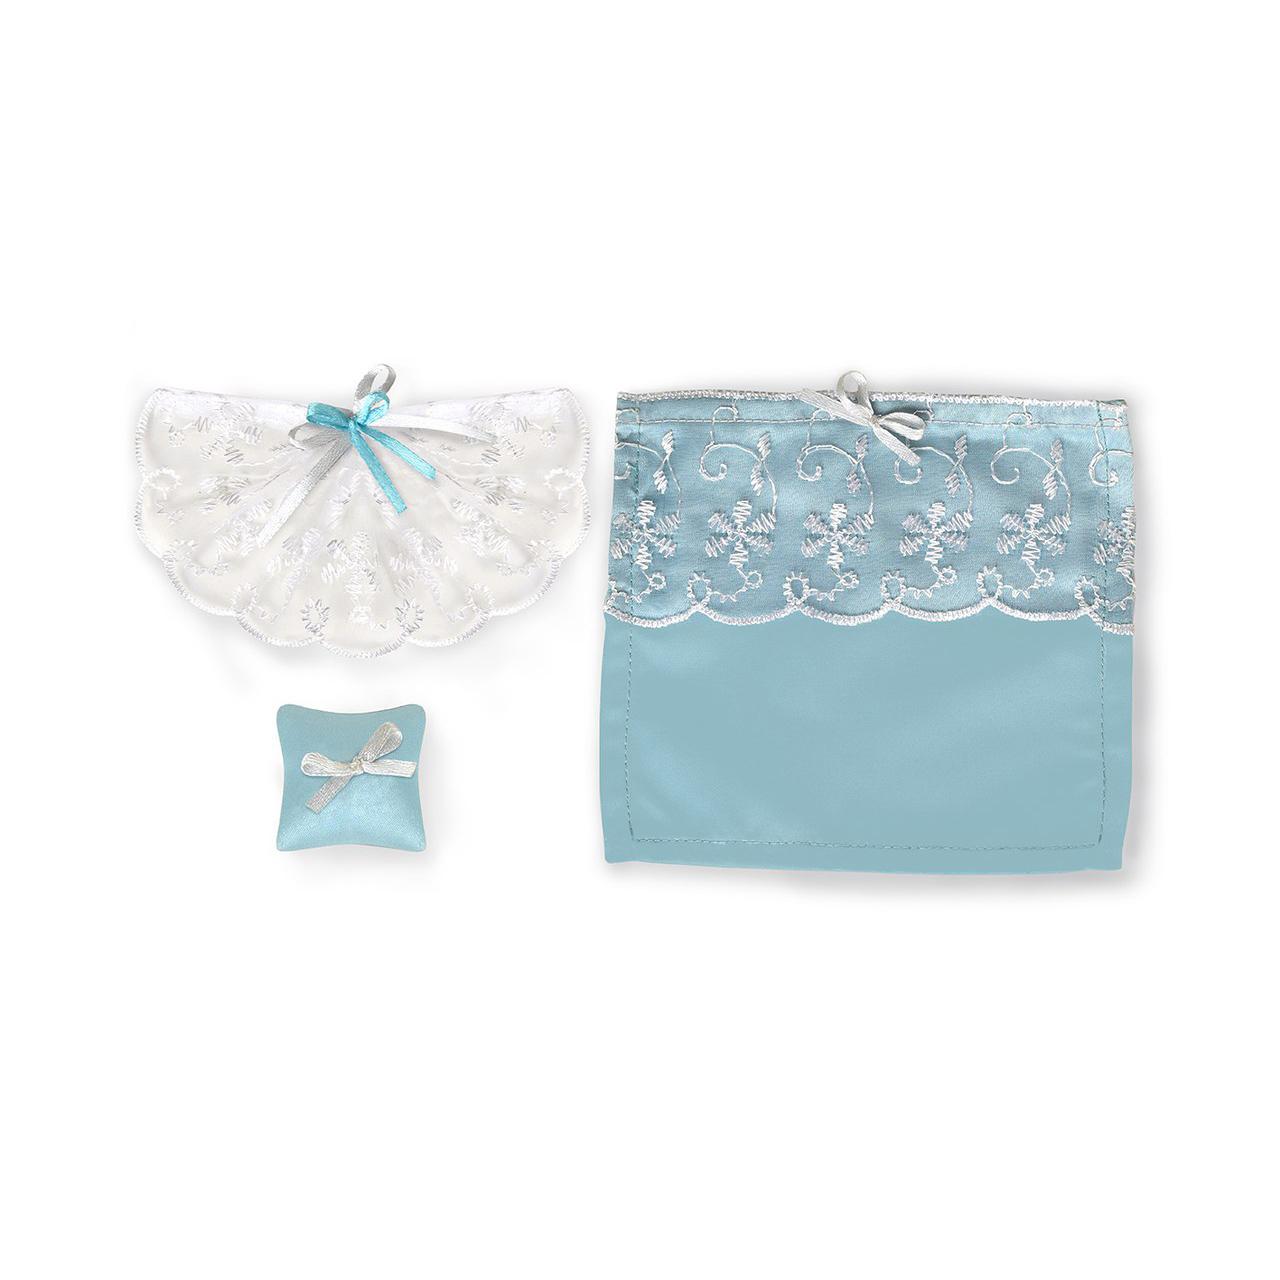 Набор текстиля для дома - Одним прекрасным утром™ - Голубое небо, шторы, покрывало для кровати, подушкиКукольные домики<br>Набор текстиля для дома - Одним прекрасным утром™ - Голубое небо, шторы, покрывало для кровати, подушки<br>